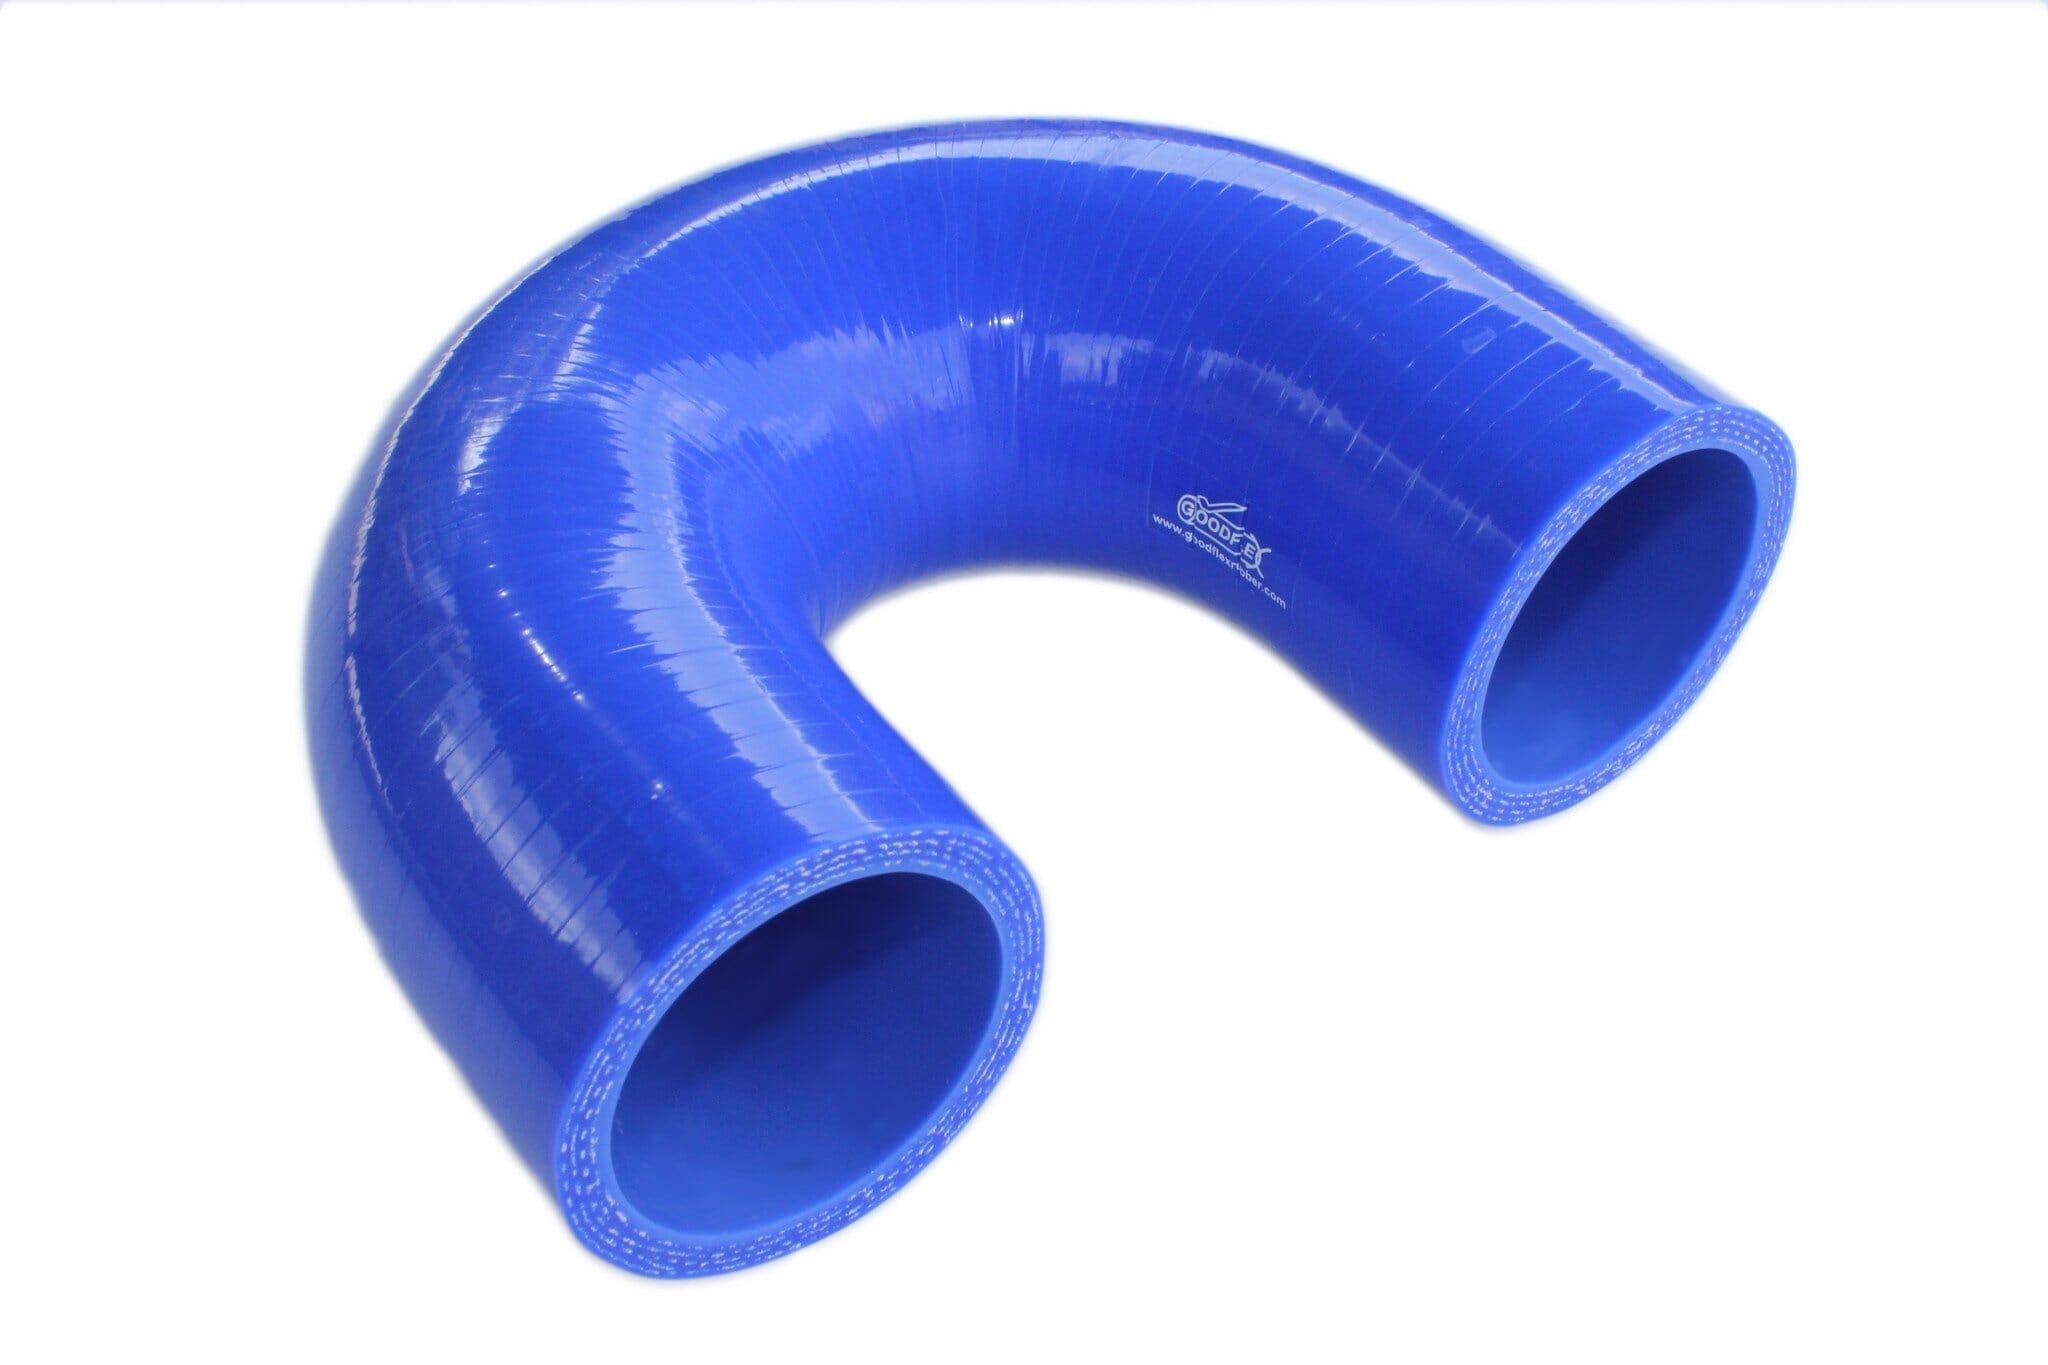 Blue_U_Bend_Lay_Down_2cc44956-44b0-49f4-8166-bdccb75c8848